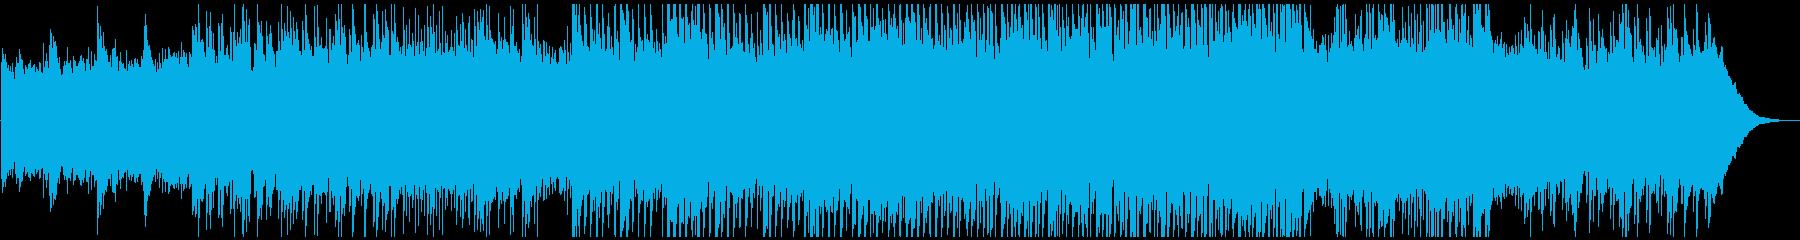 壮大ピアノとギター企業向迫力ロックの太鼓の再生済みの波形